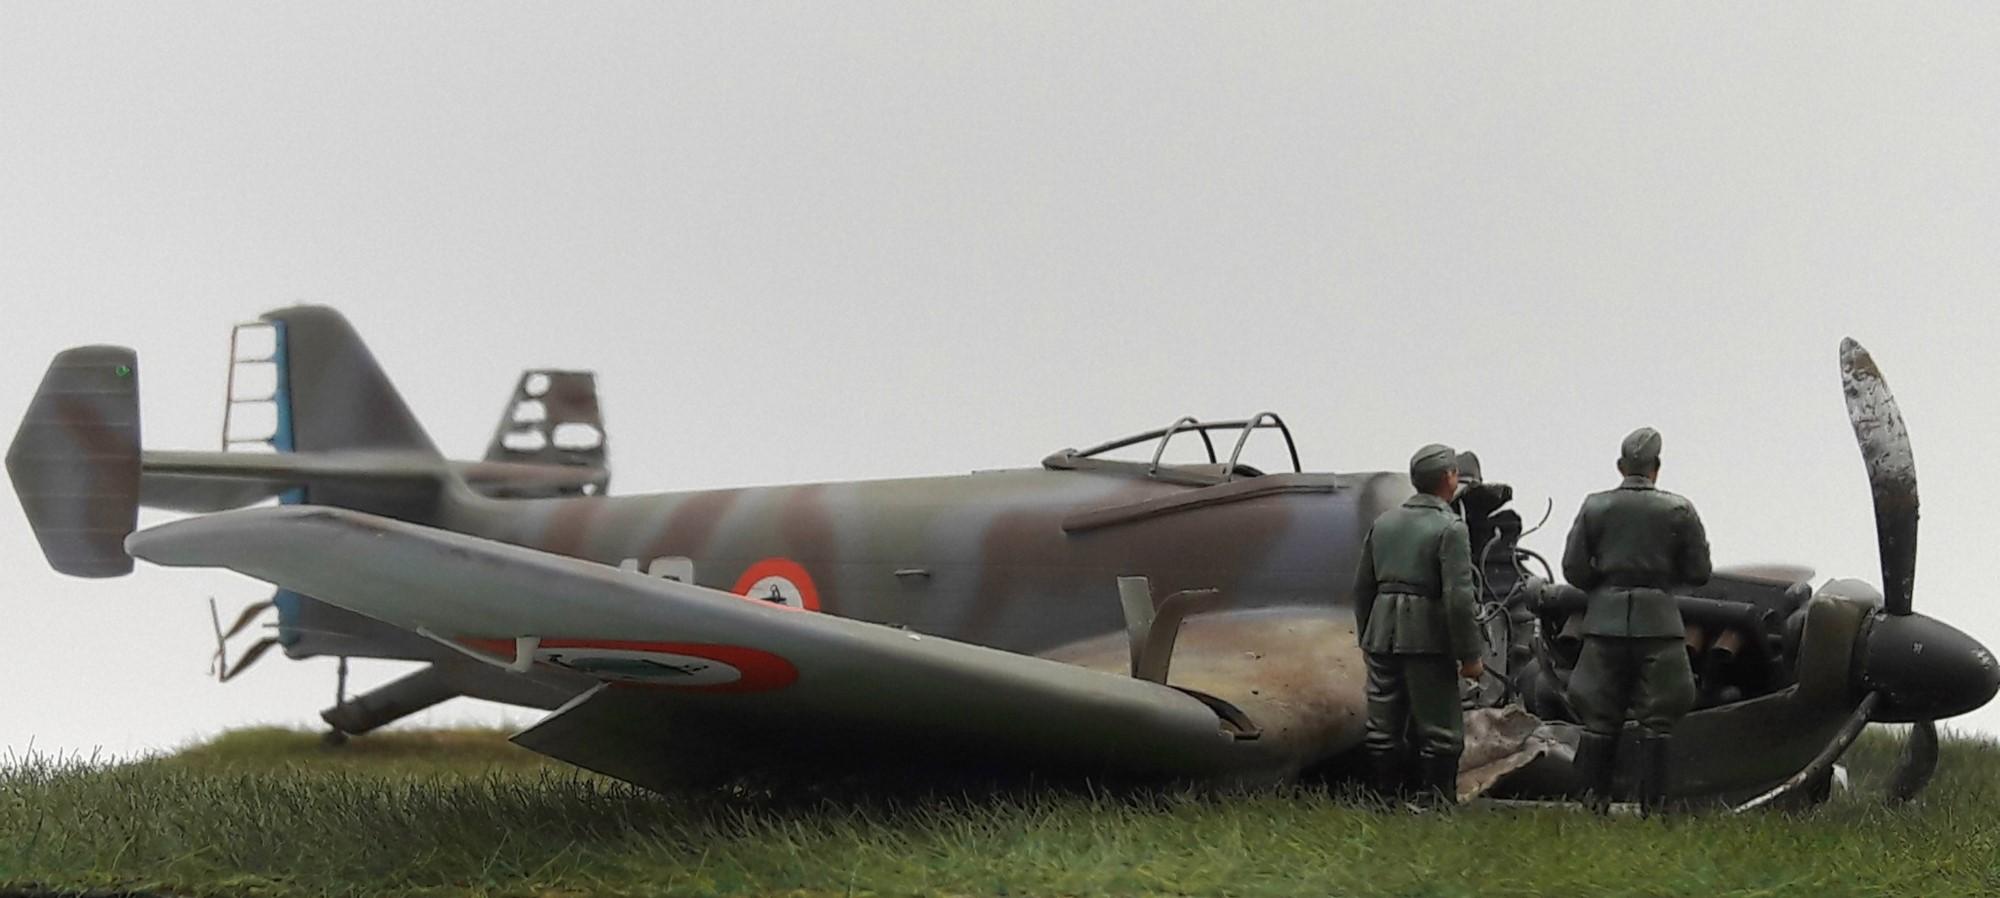 [Concours Aéronavale] Loire Nieuport 401/411 -  Special hobby 1/48 - crash à Villereau -le sacrifice des marins aviateurs du 19 mai 1940 - Mission Berlaimont  Image480